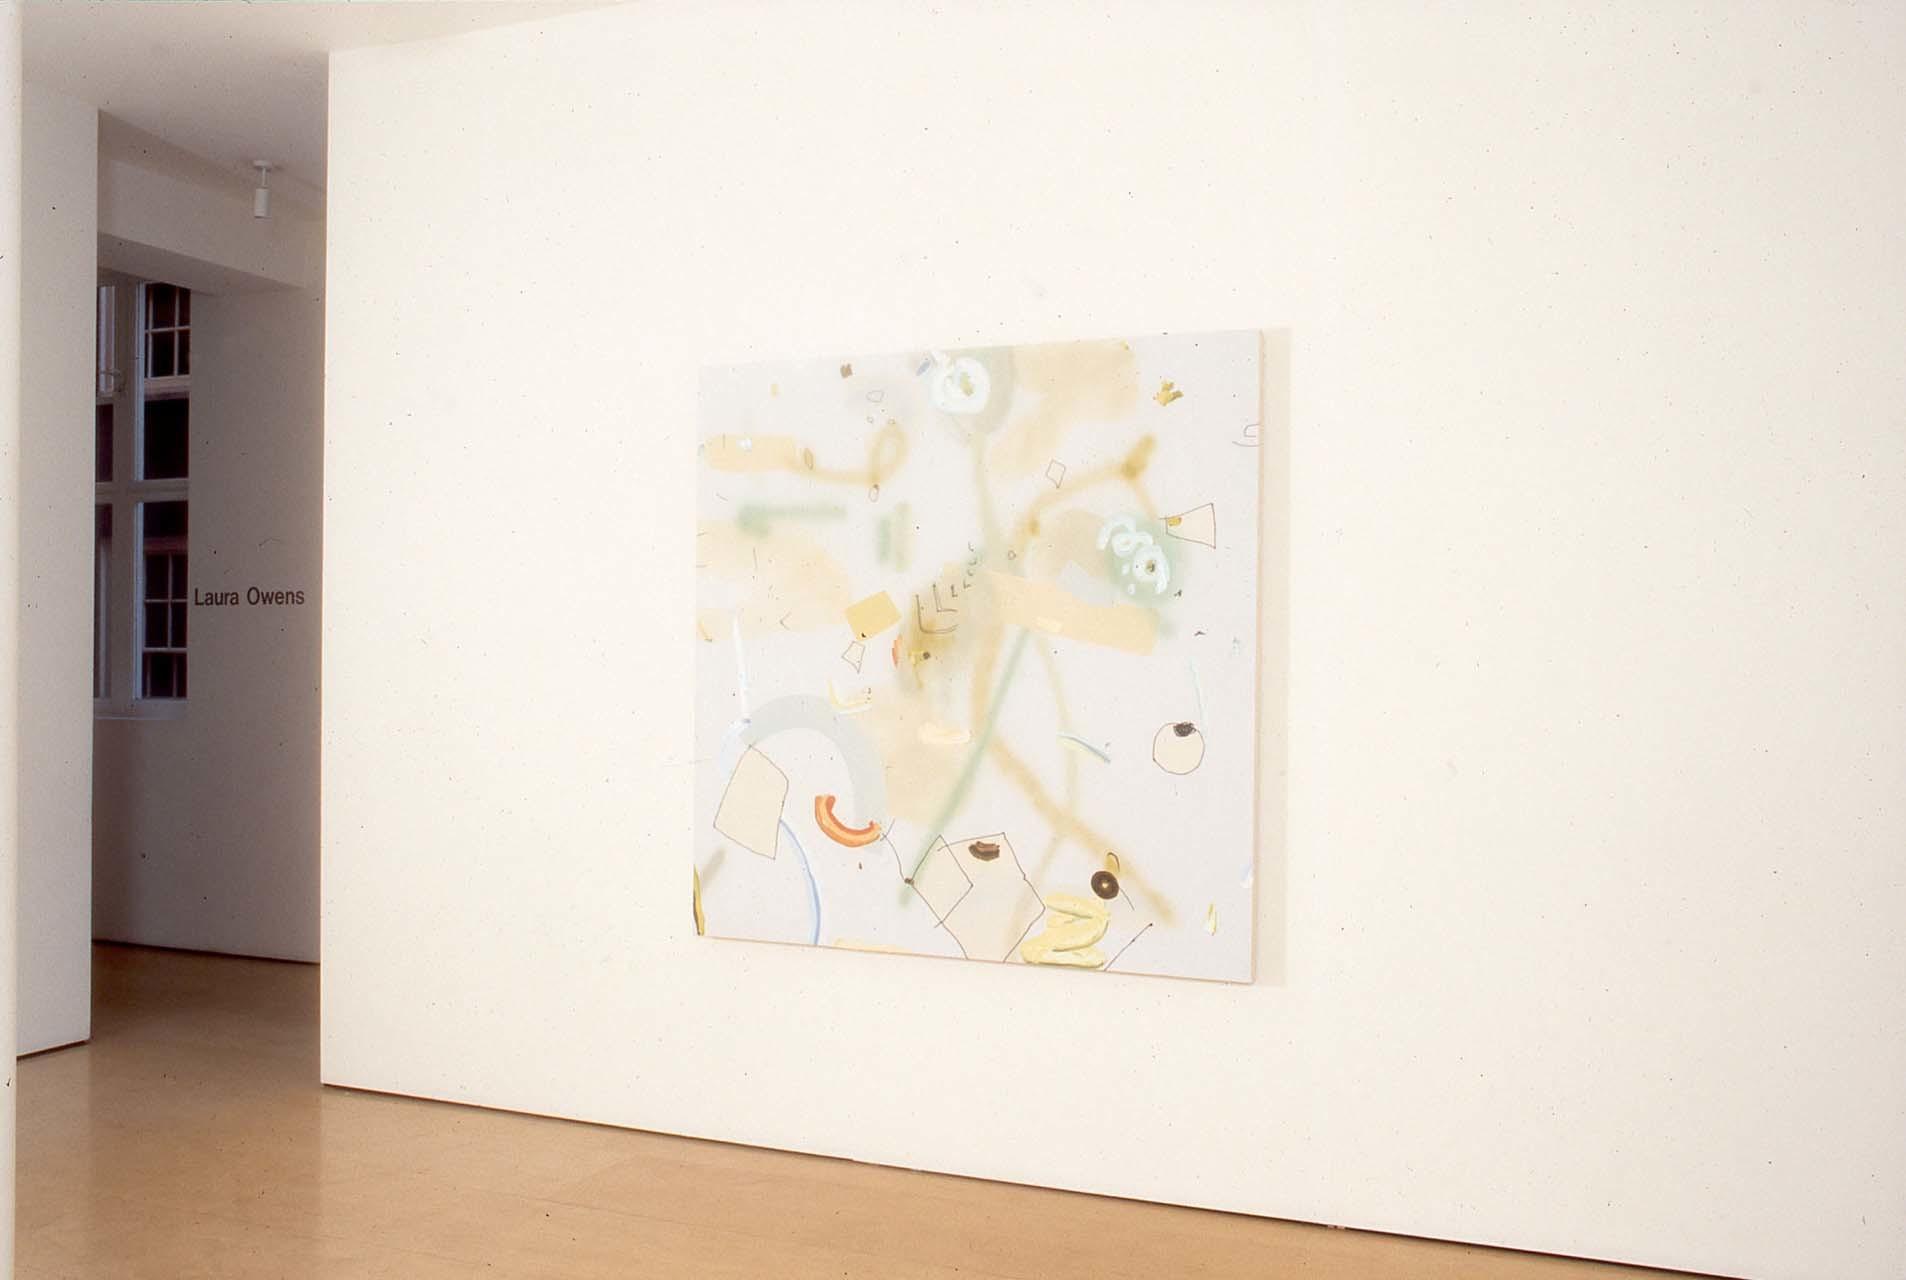 """<div class=""""artwork_caption""""><p>Installation View, 1999</p></div>"""